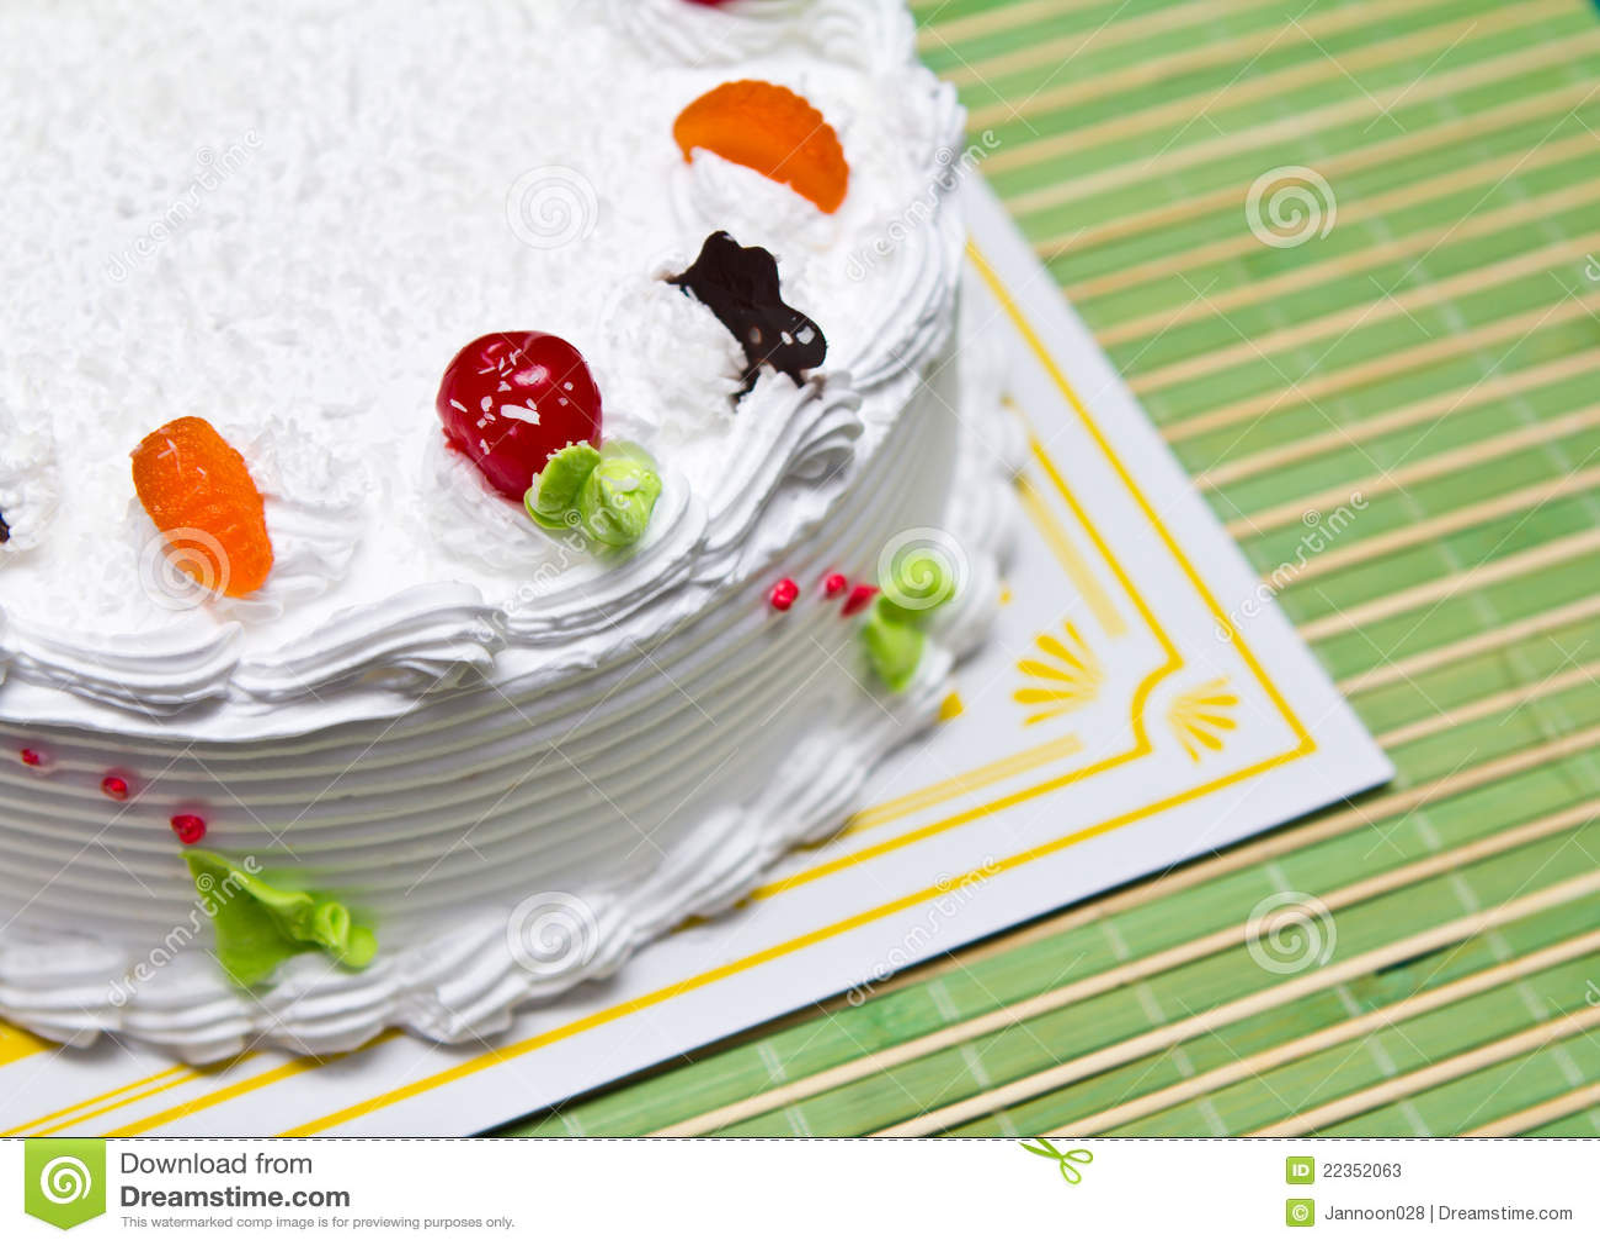 空白奶油色蛋糕。